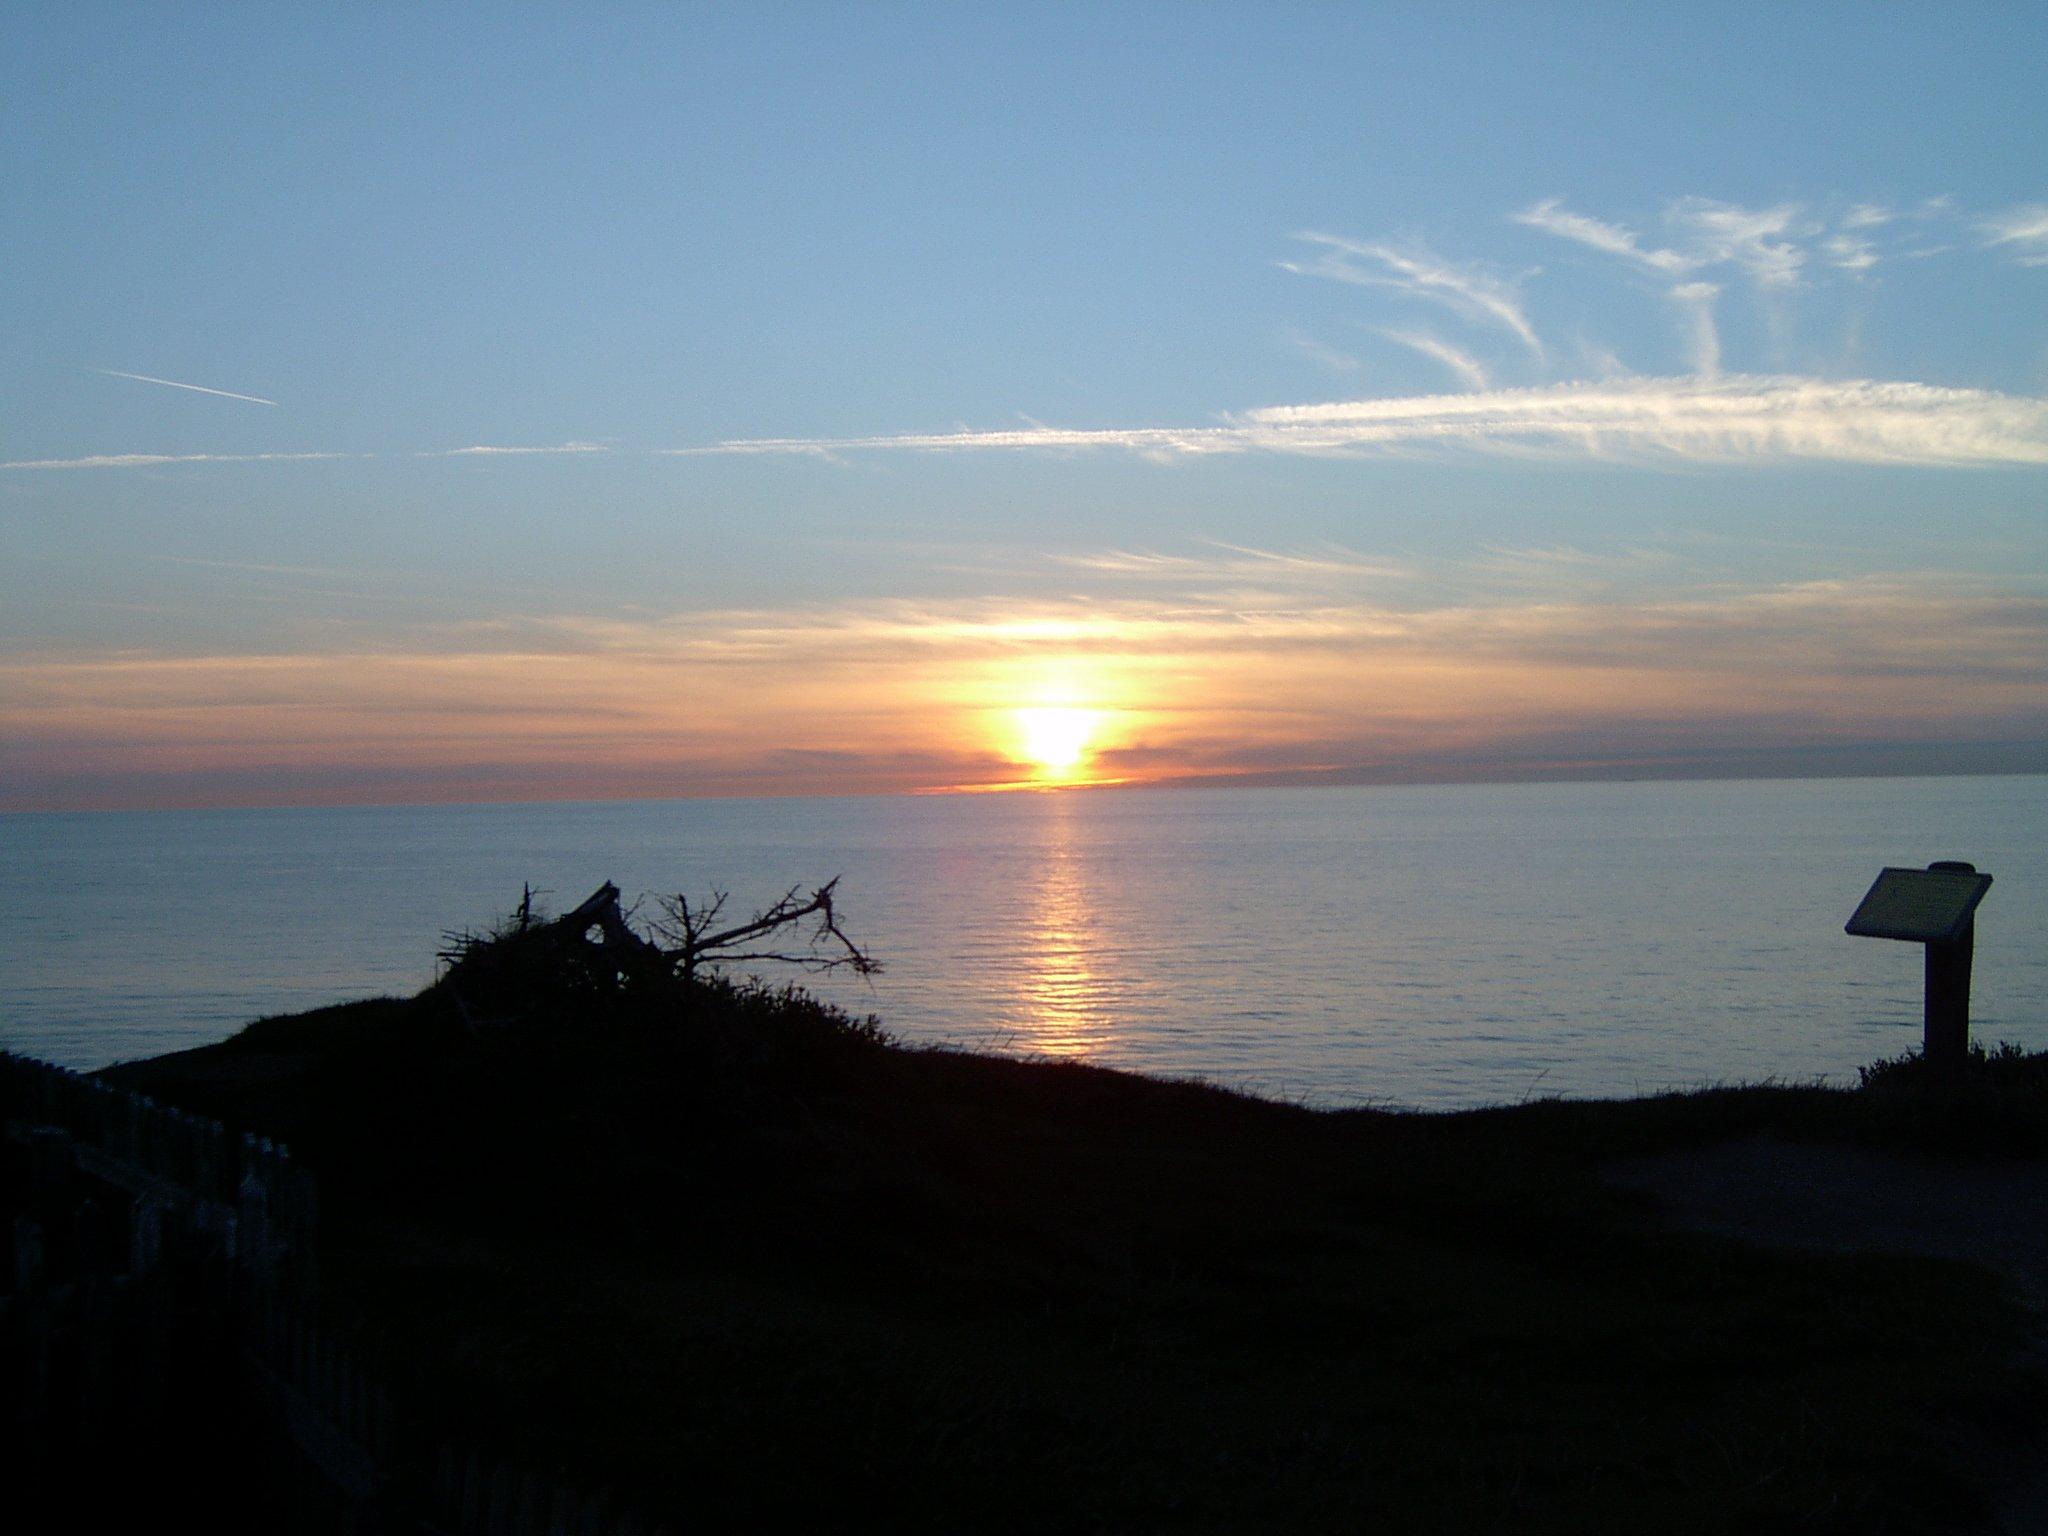 solnedgang-maarup000412